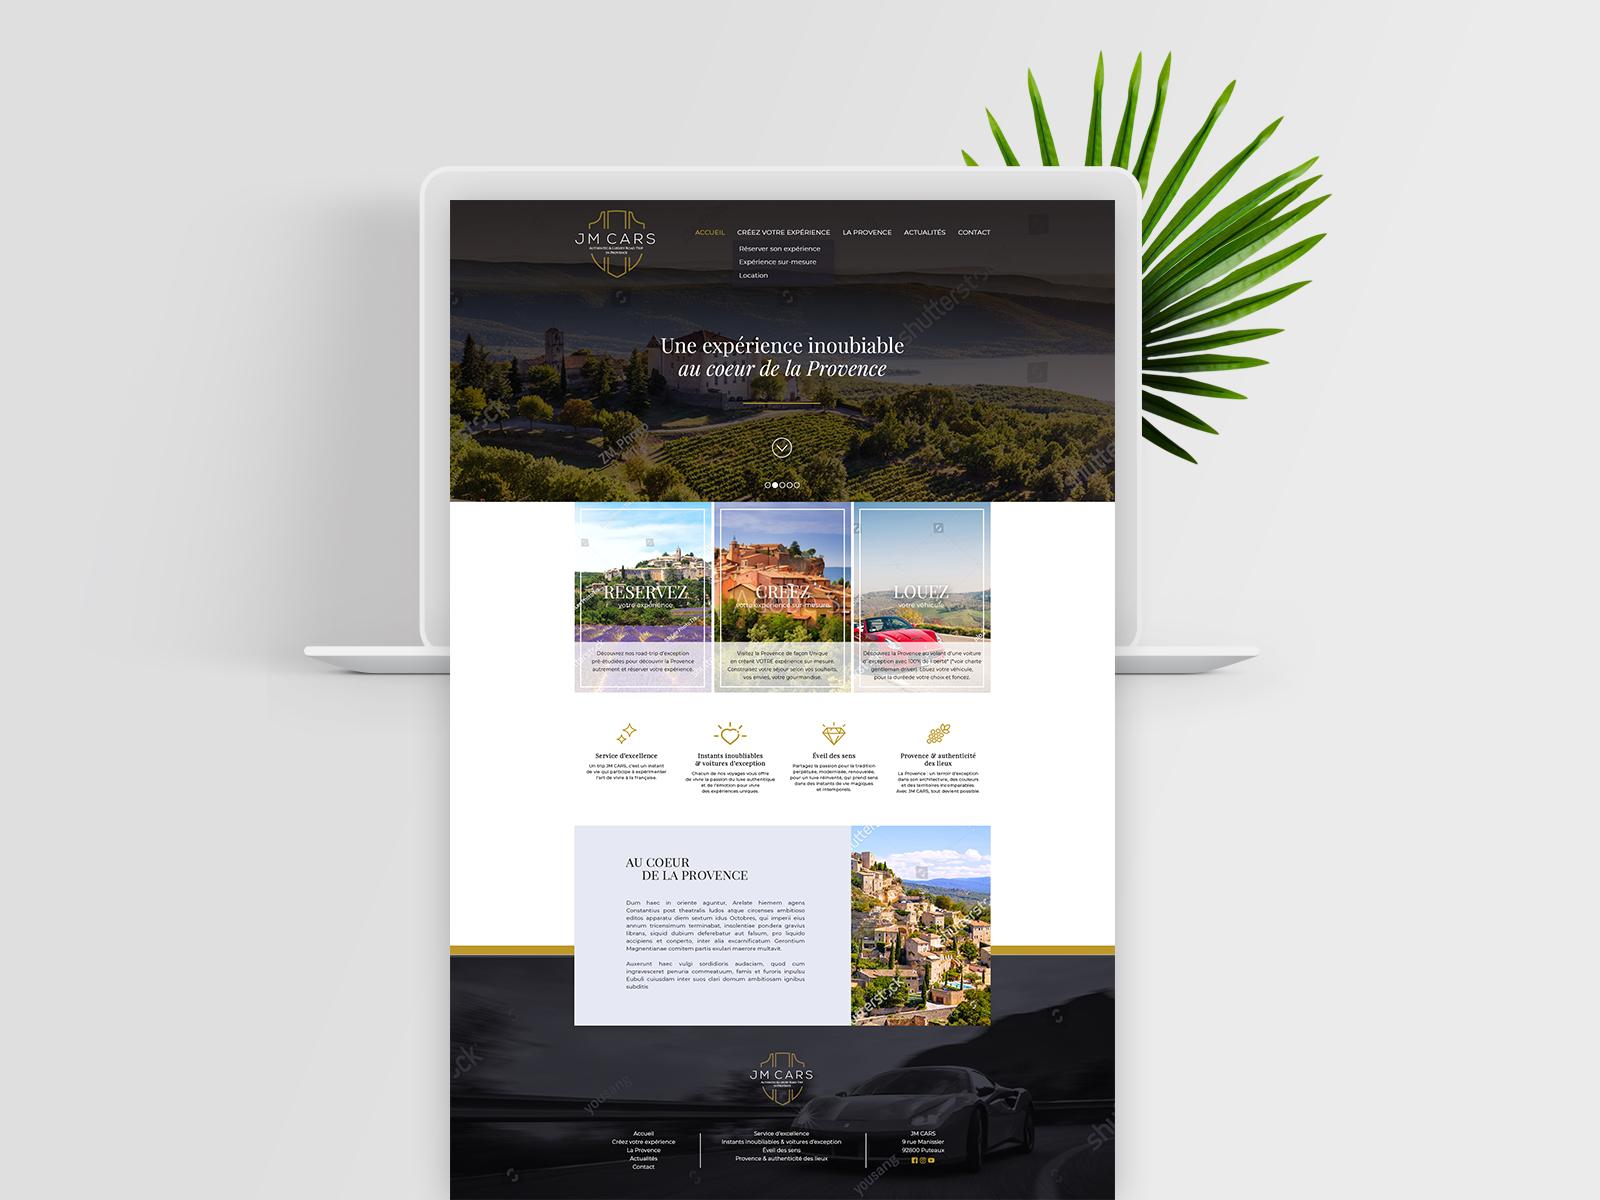 Web design personnalisé - JMCARS